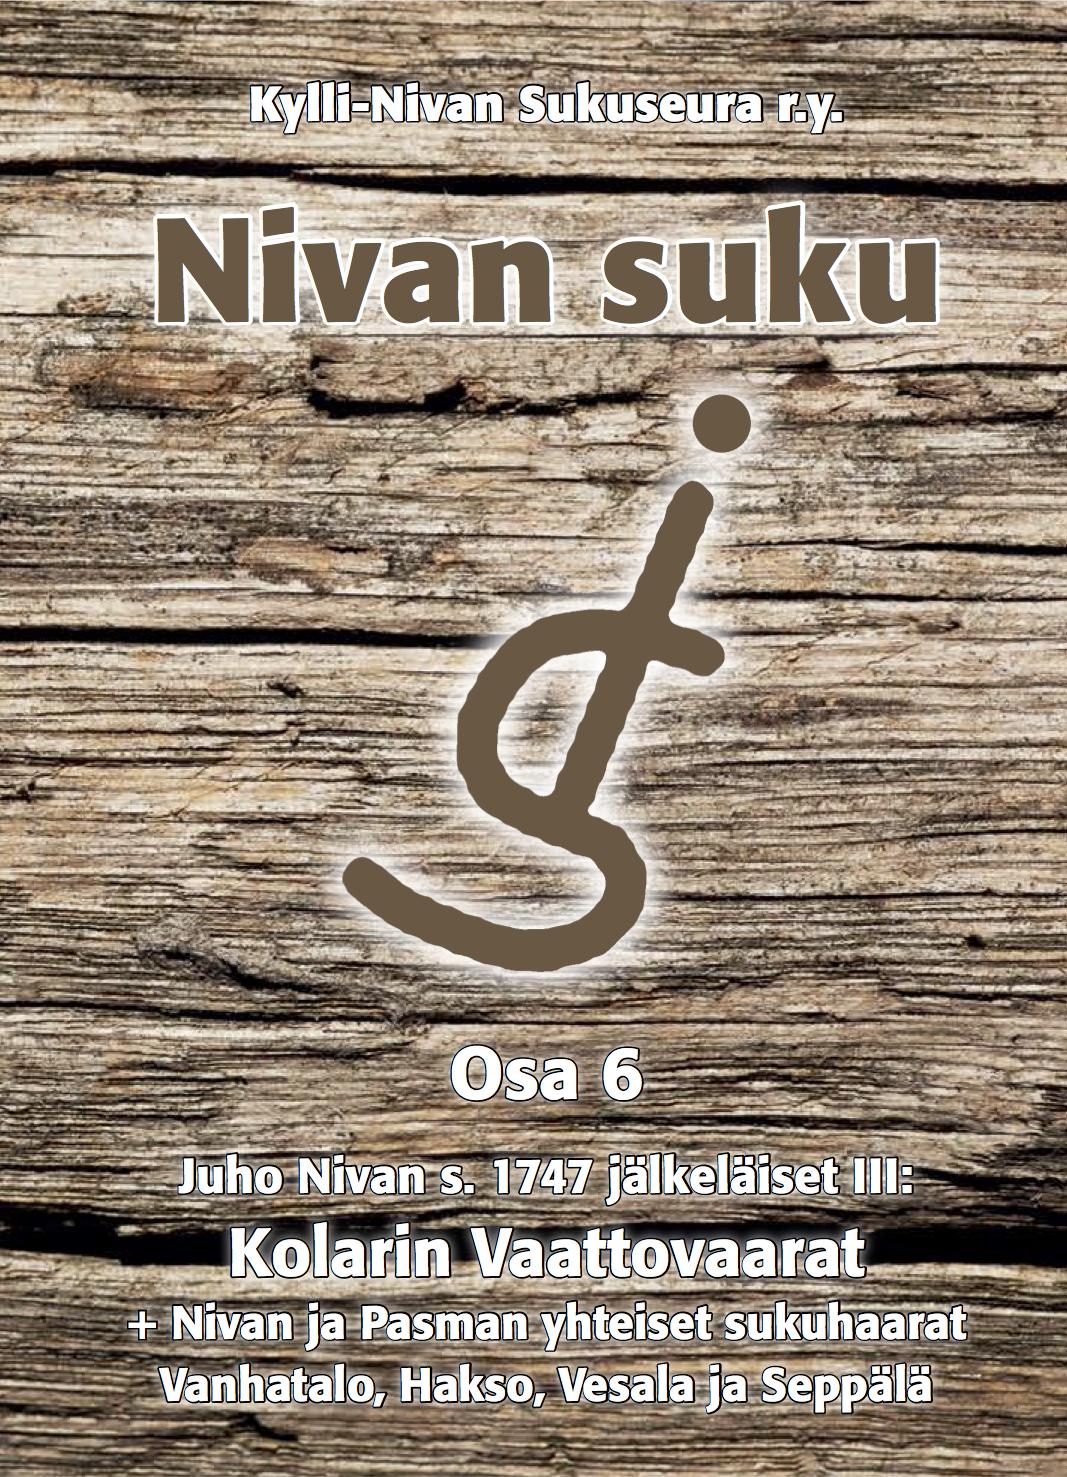 Nivan Suku osa 6